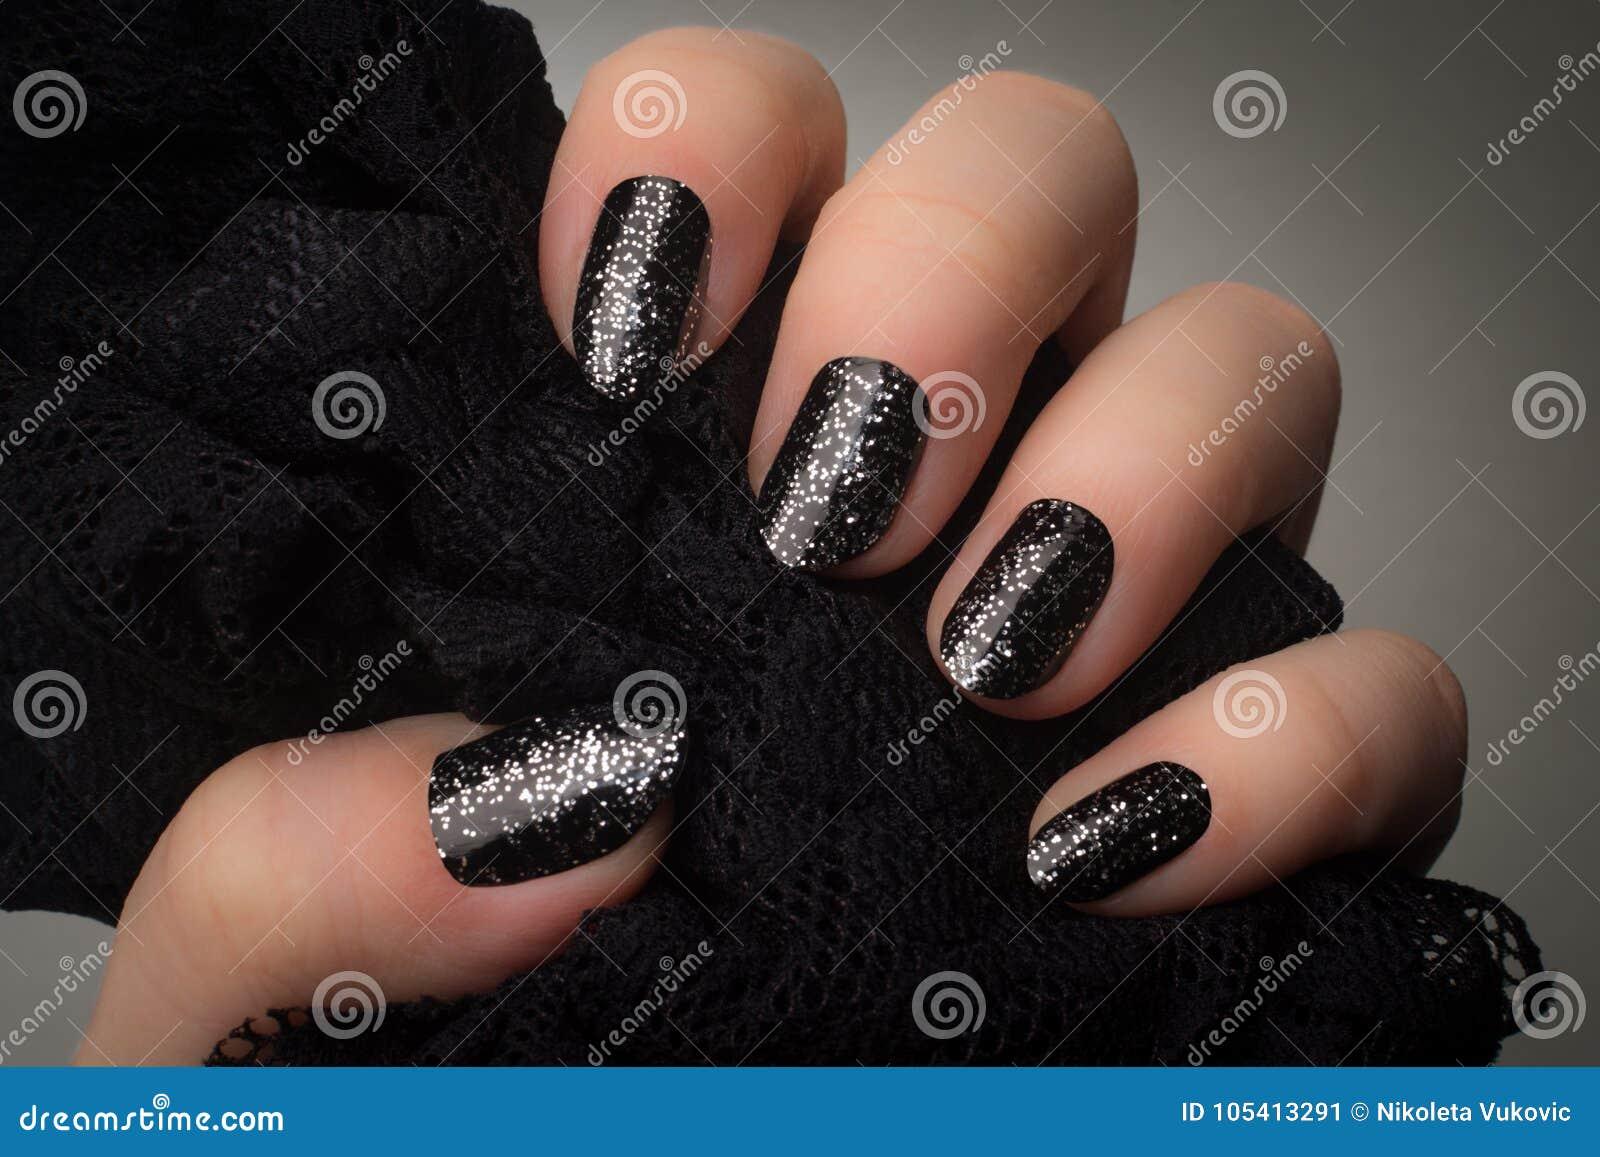 Black glittered nails